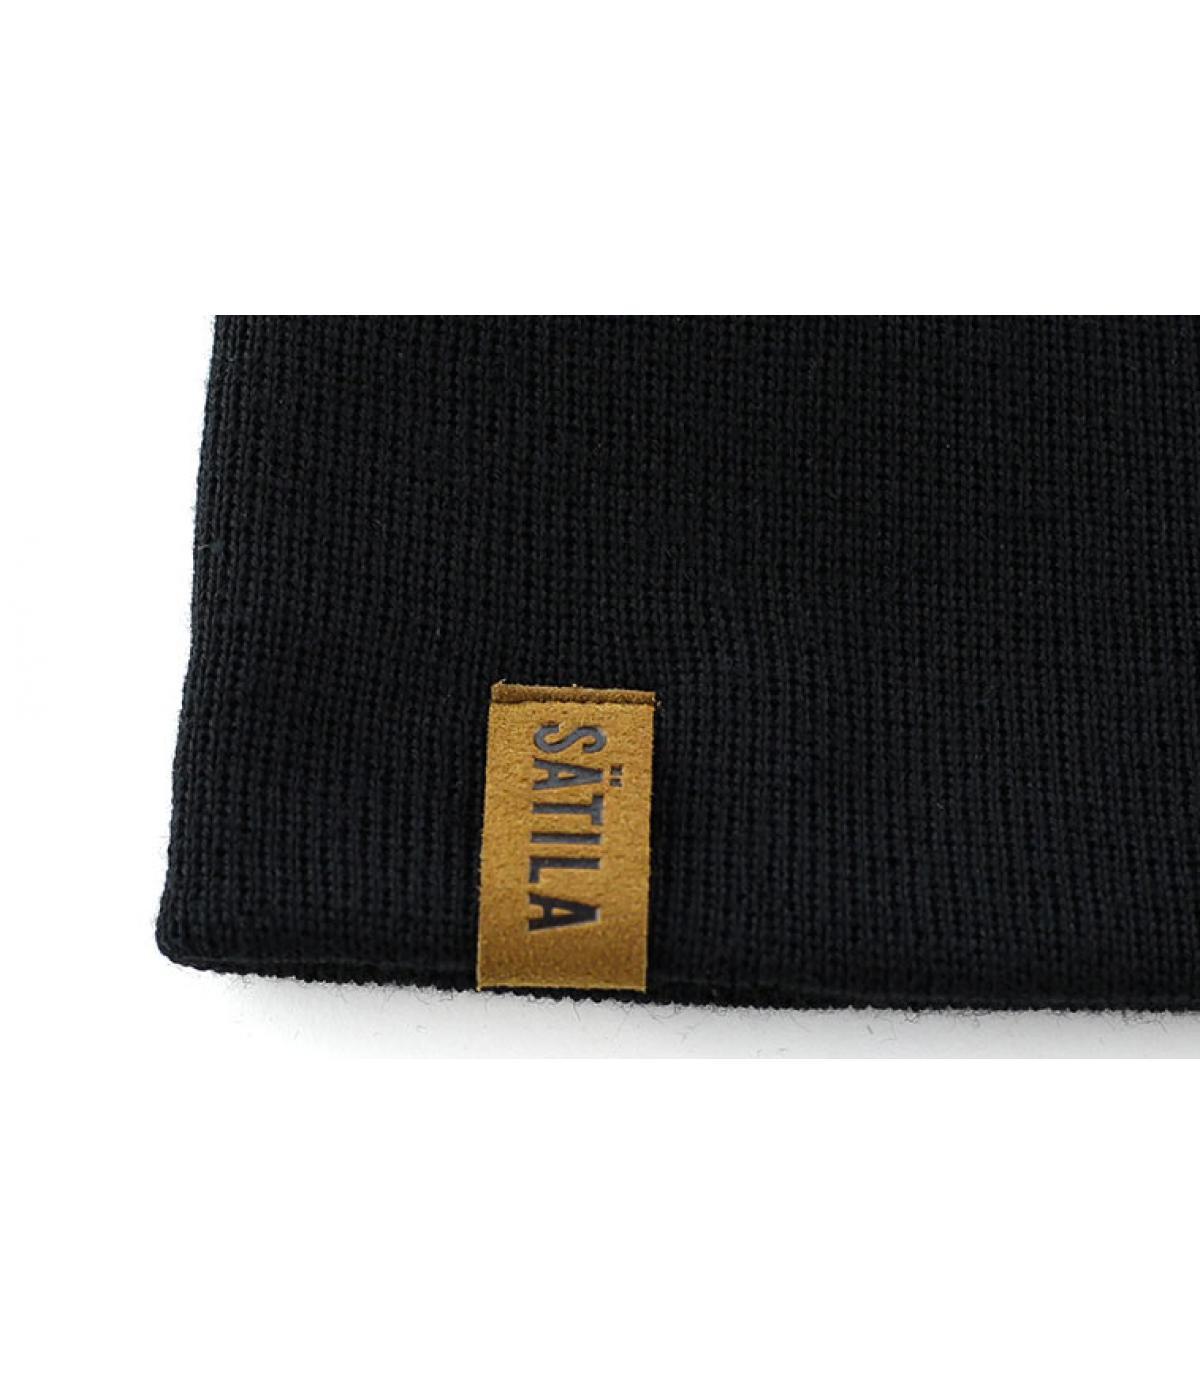 Details S.F schwarze Damenmütze - Abbildung 2